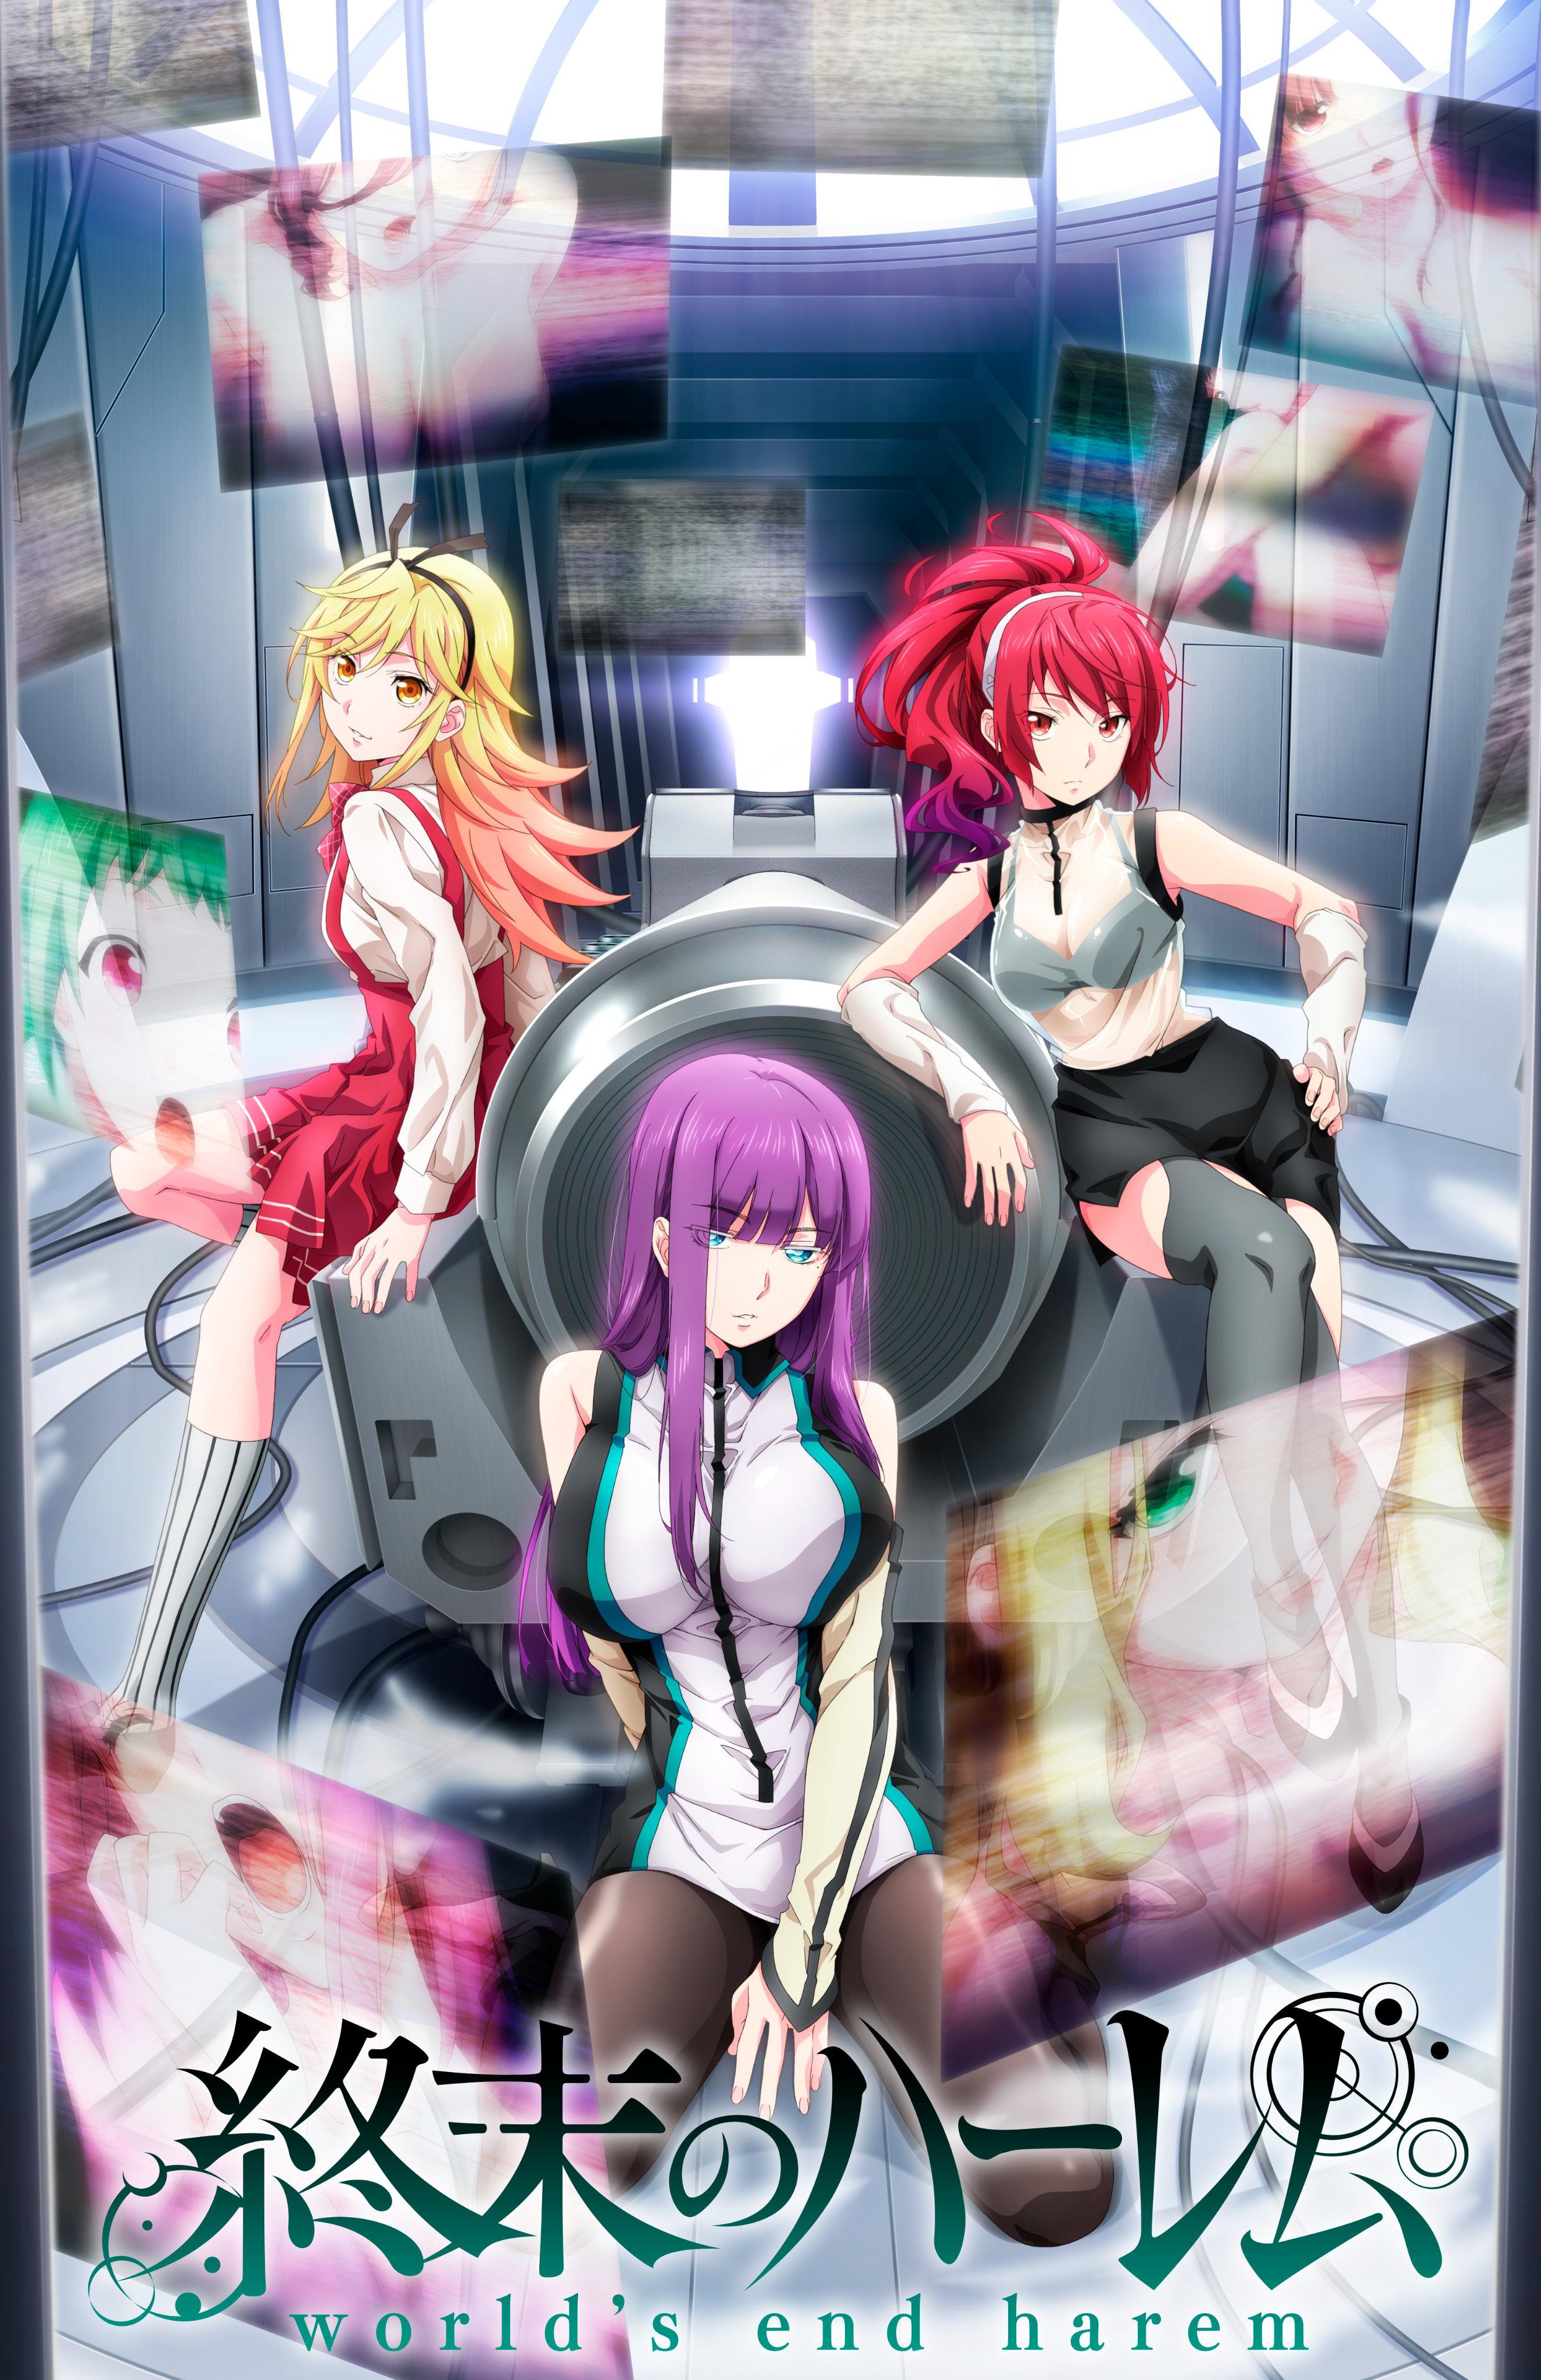 Trailer World's End Harem Shonen Ecchi Date de Sortie Octobre 2021 Automne Visuel promotionnel